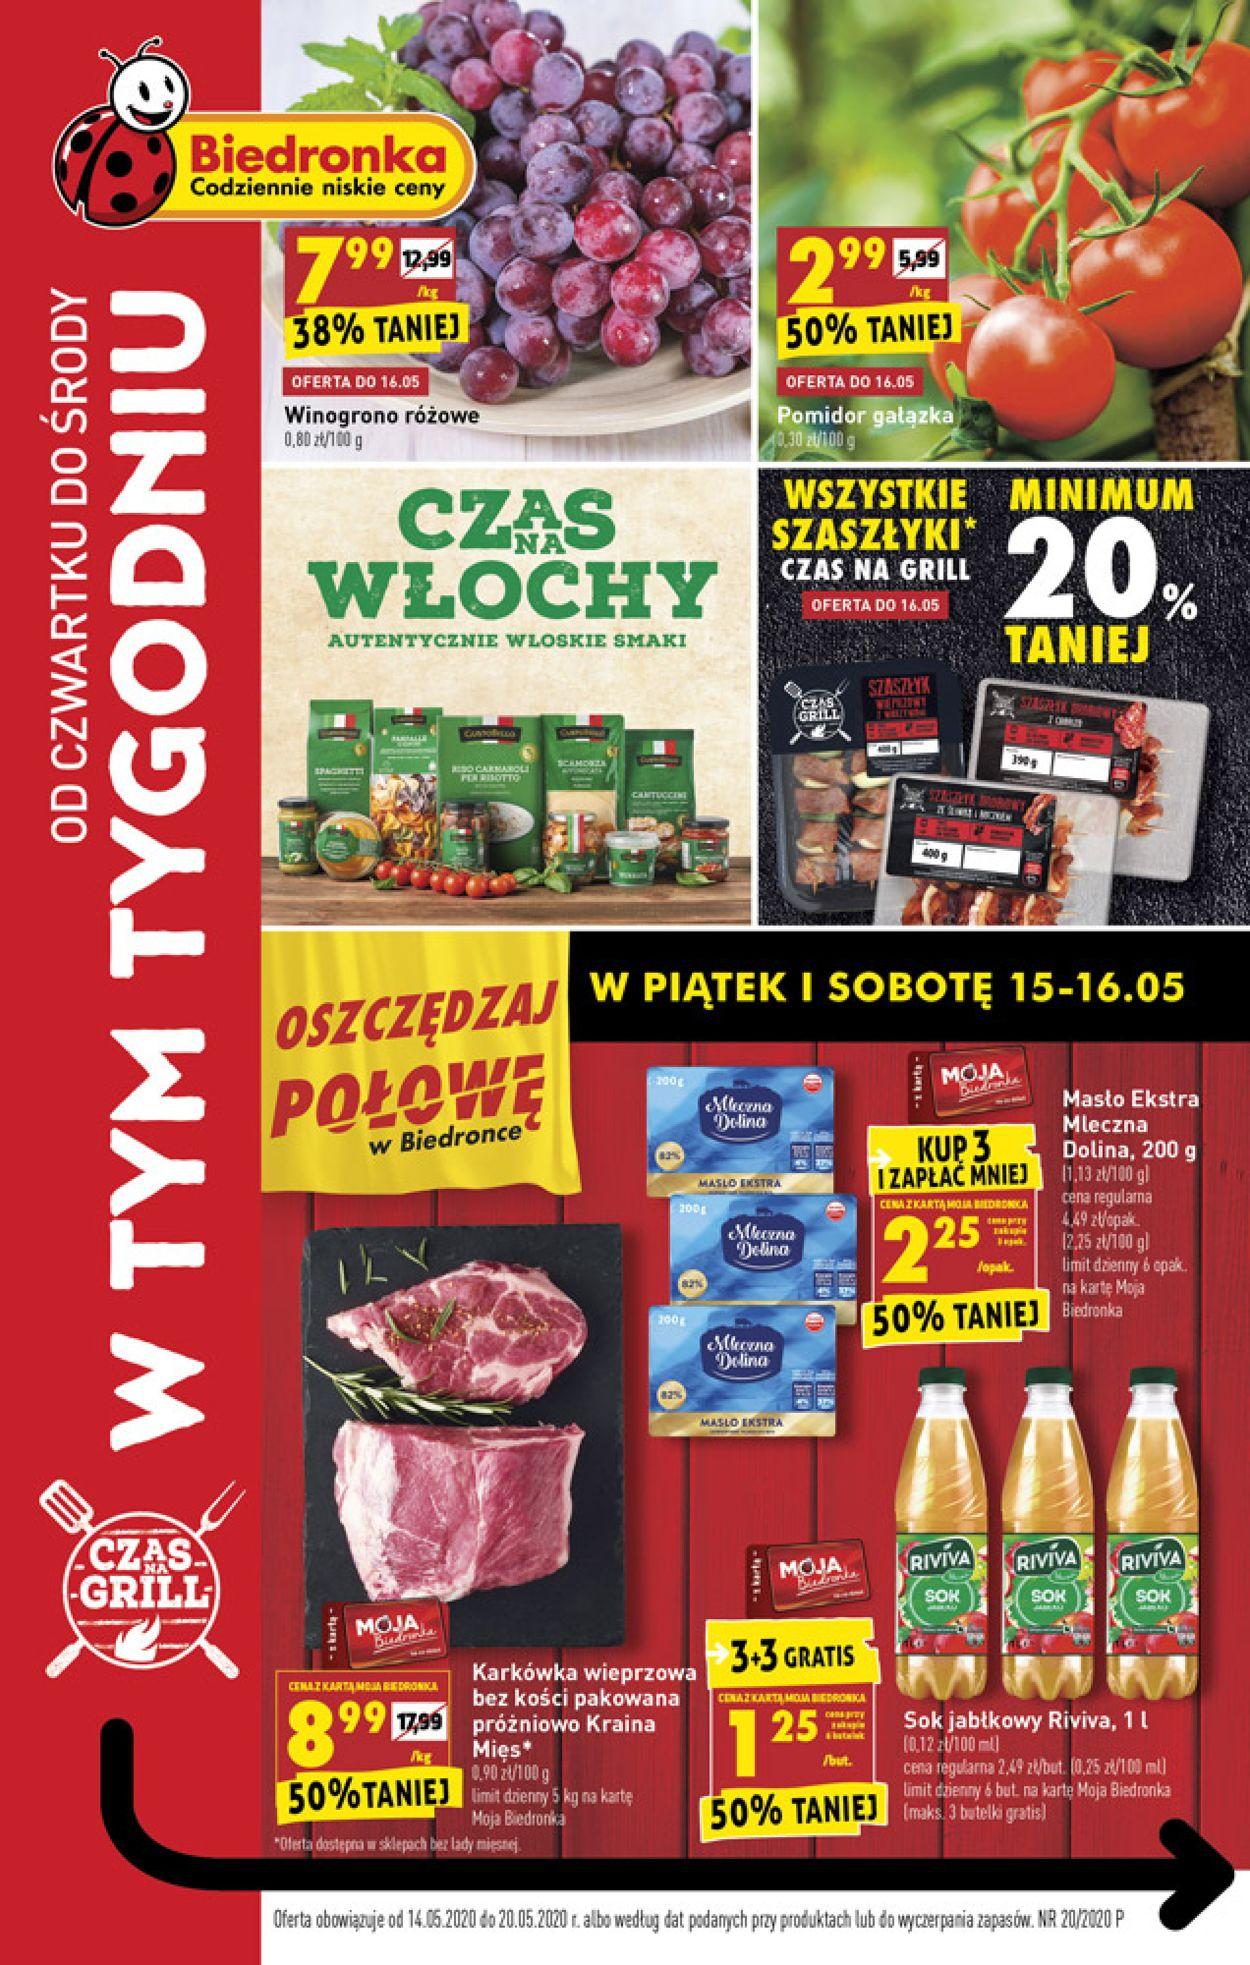 Gazetka promocyjna Biedronka - 14.05-20.05.2020